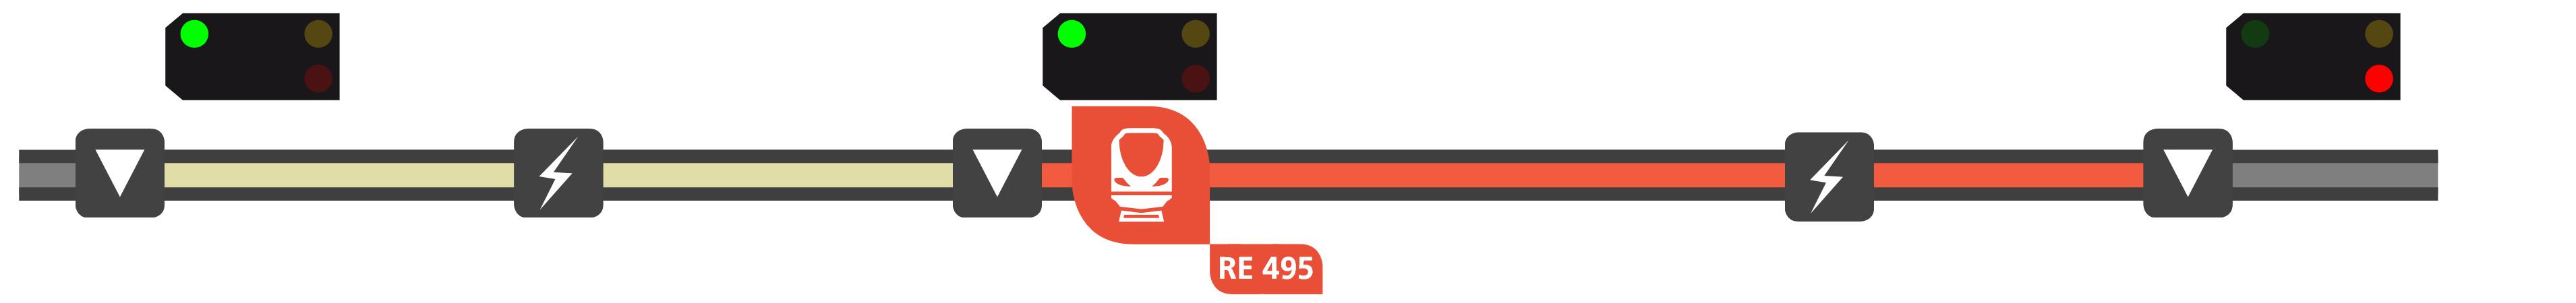 Visualisierung der ALAN Blocksignalisierung - Bild 10 von 18